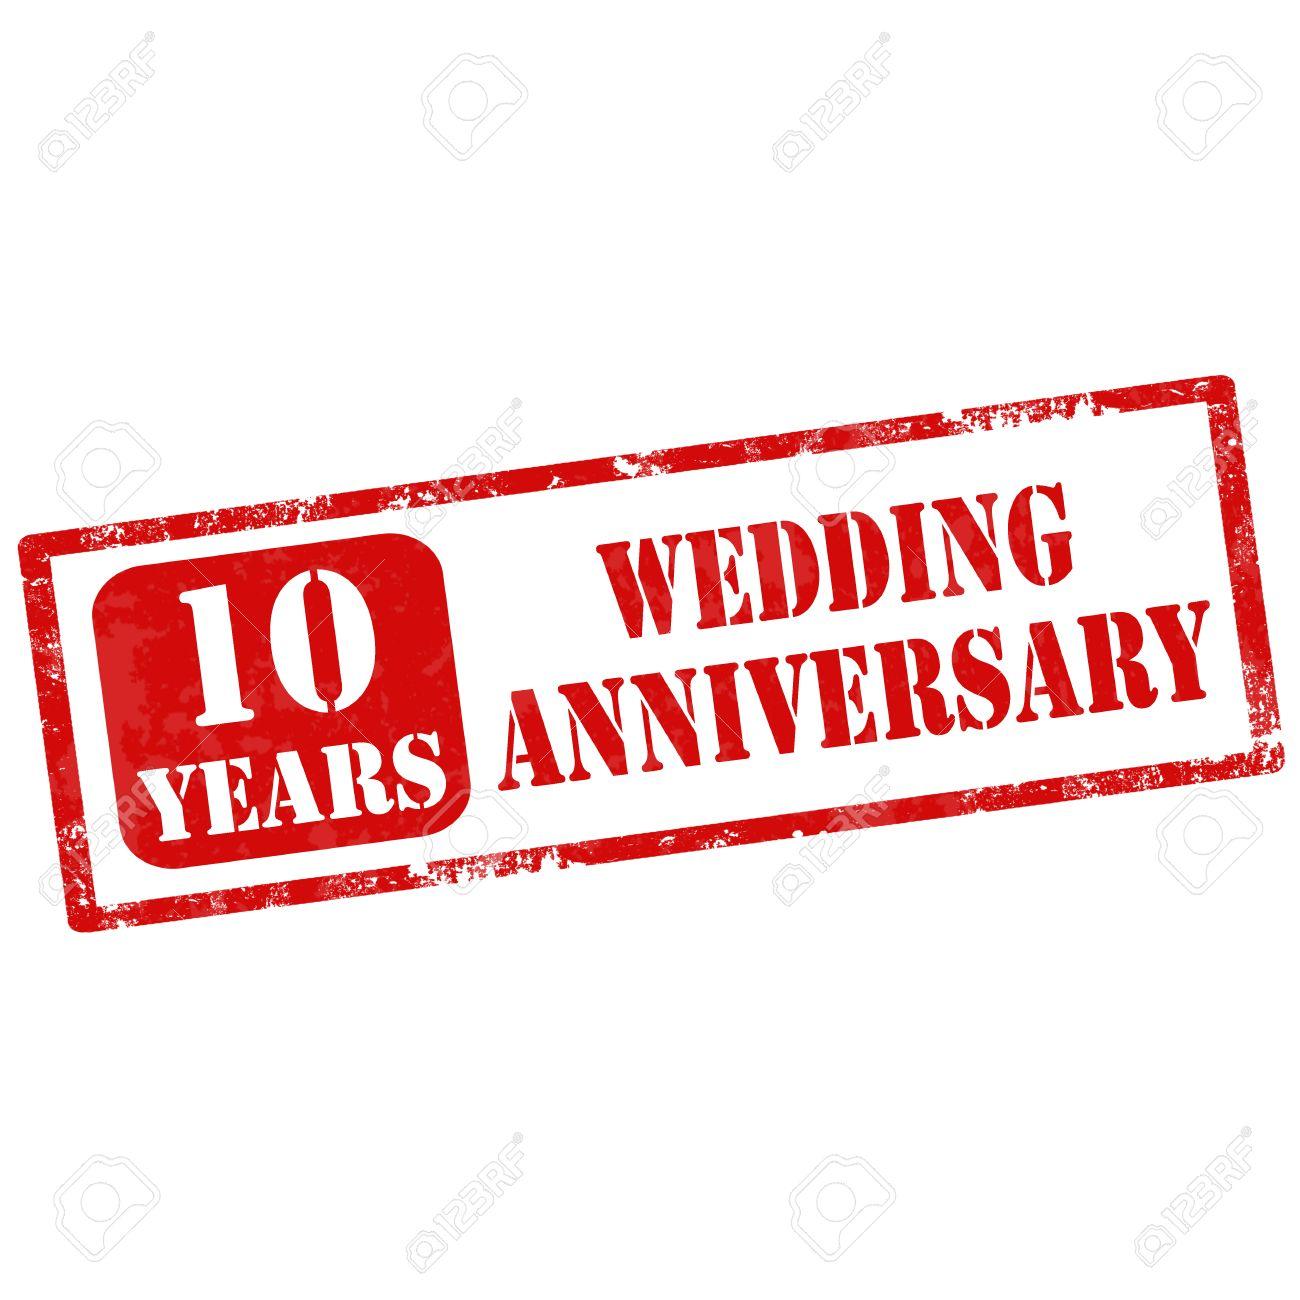 10 Year Wedding Anniversary.Grunge Rubber Stamp With Text 10 Years Wedding Anniversary Vector